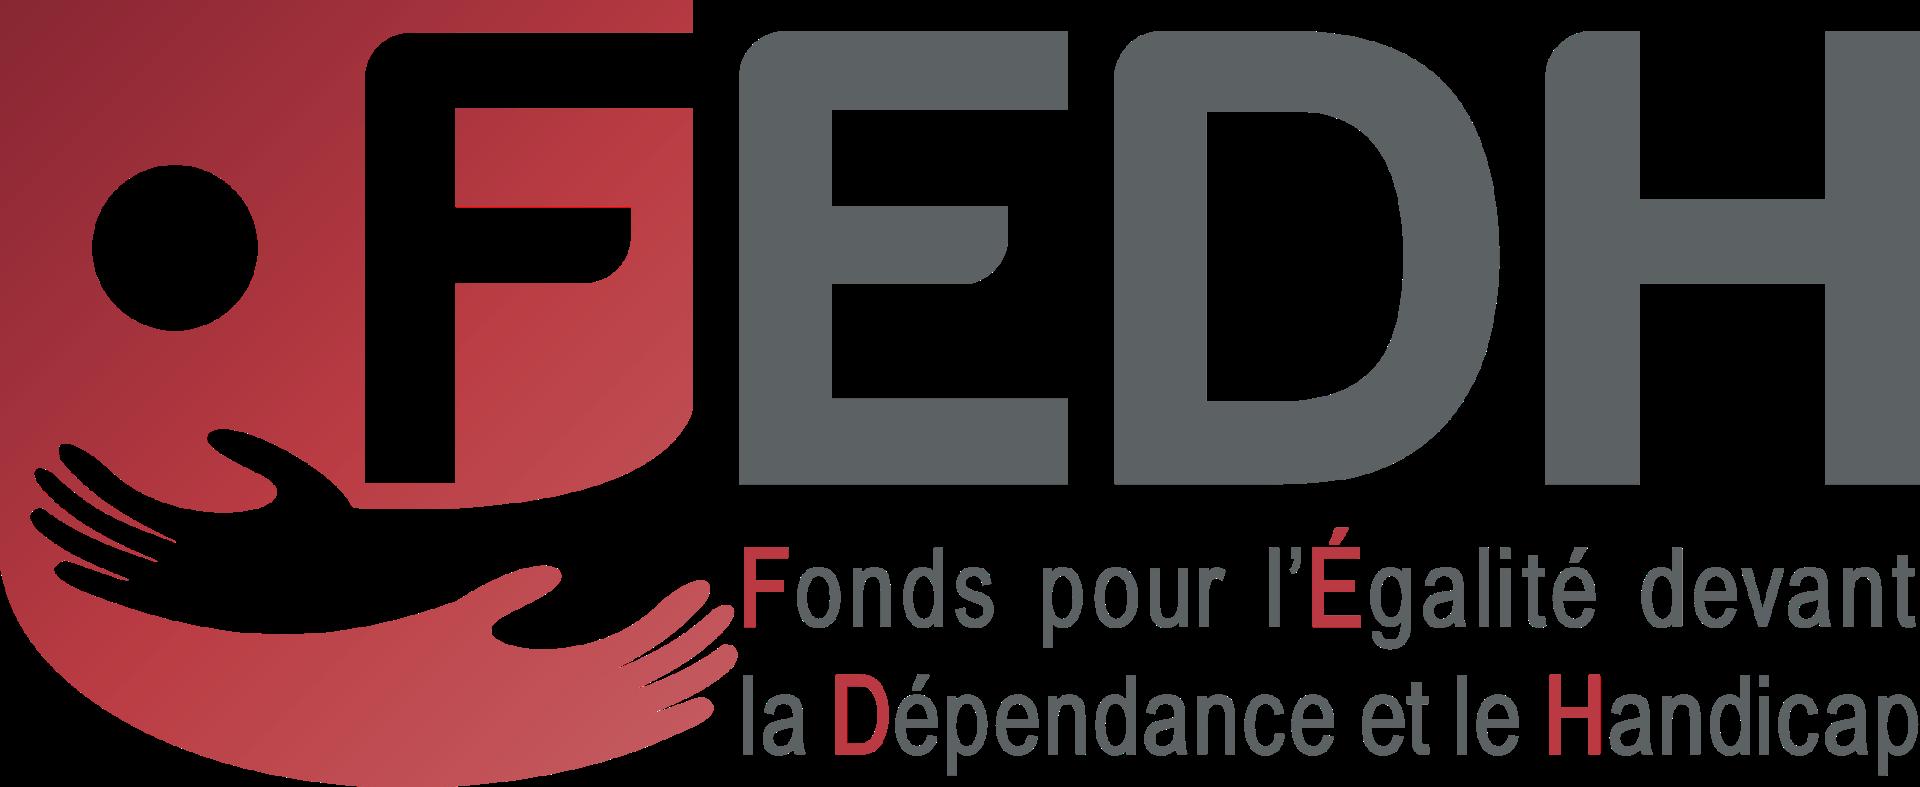 Association - Fonds pour l'Égalité devant la Dépendance et le Handicap